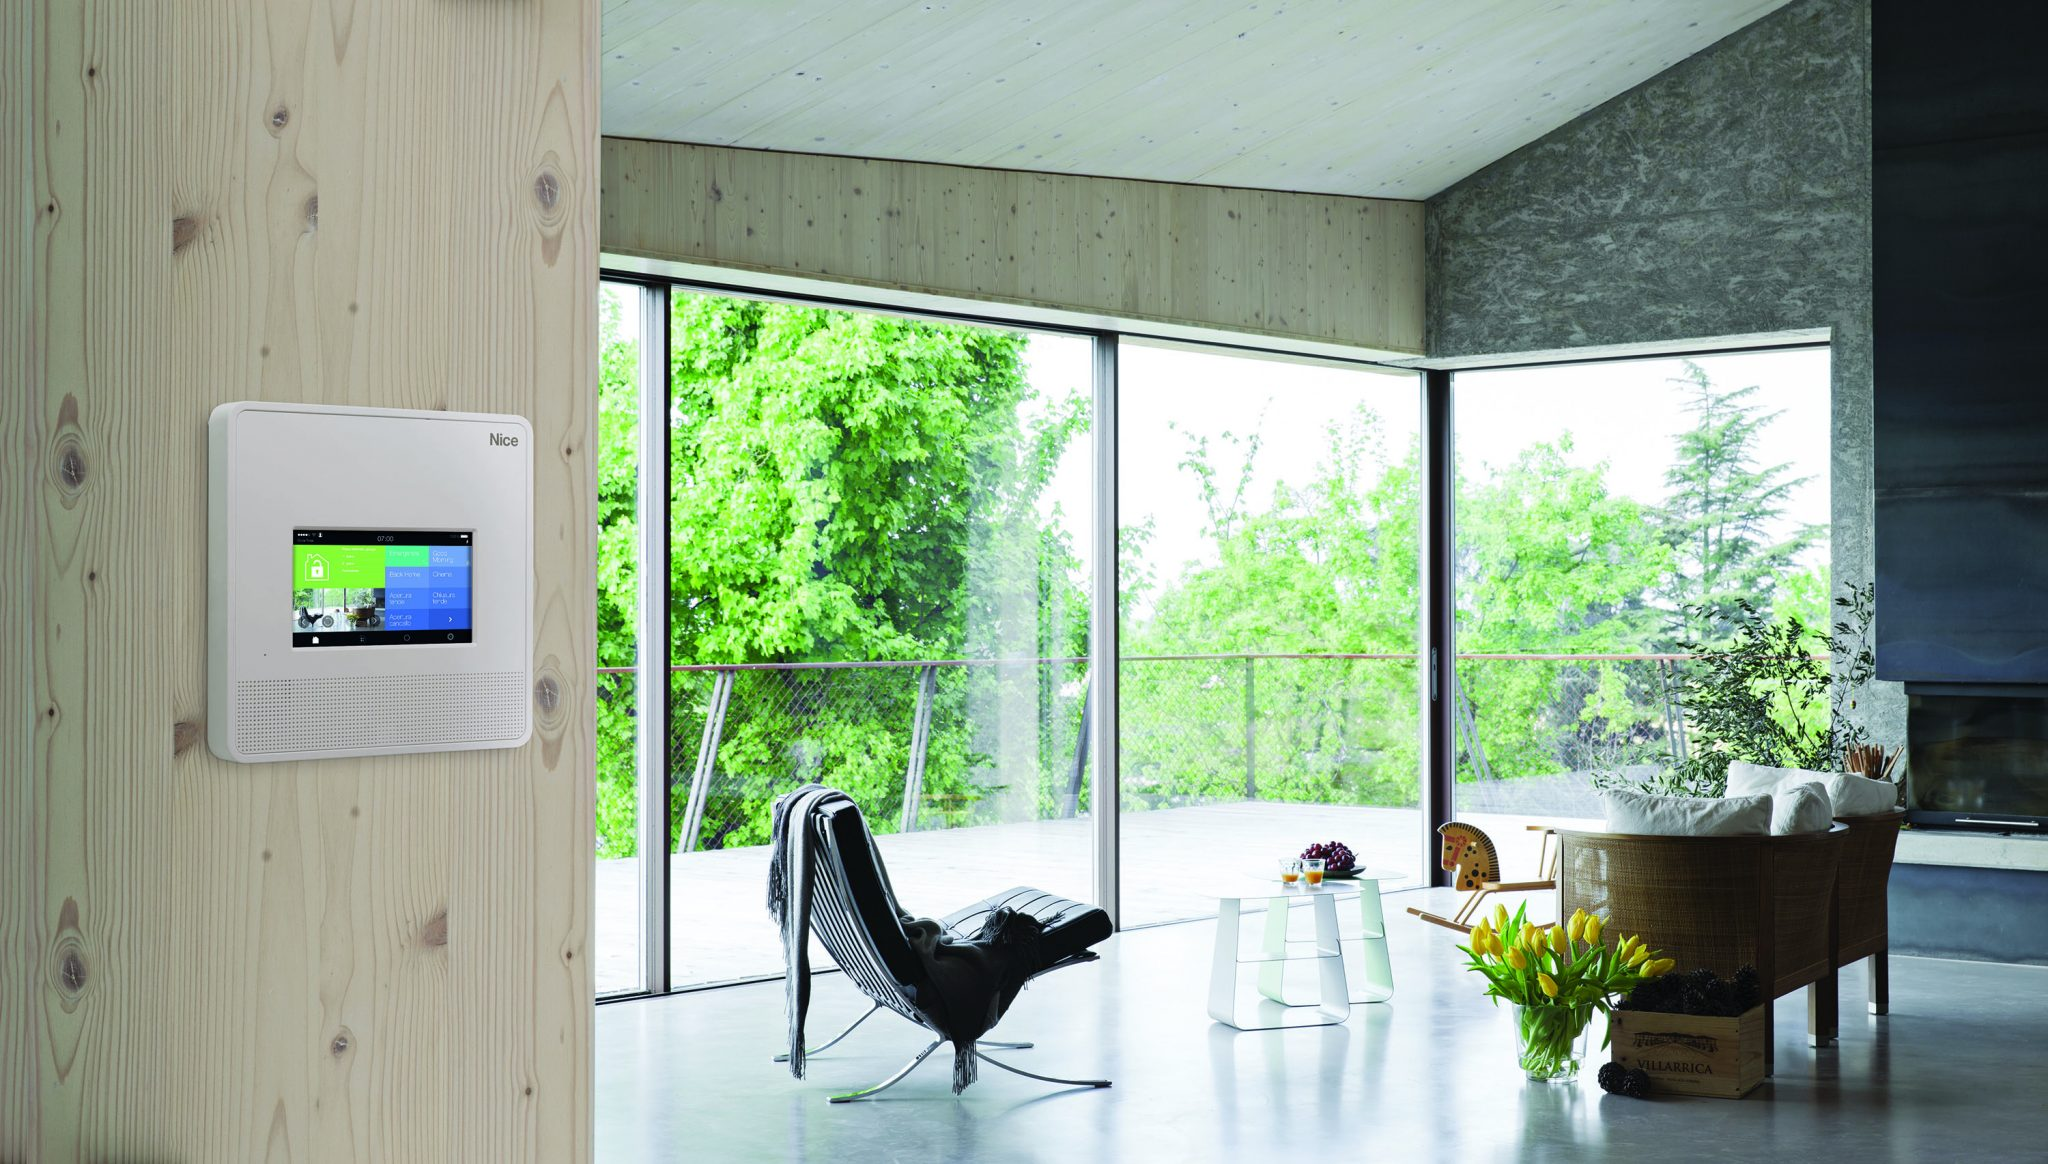 Proteggi la tua casa con un sistema di allarme su misura thumbnail